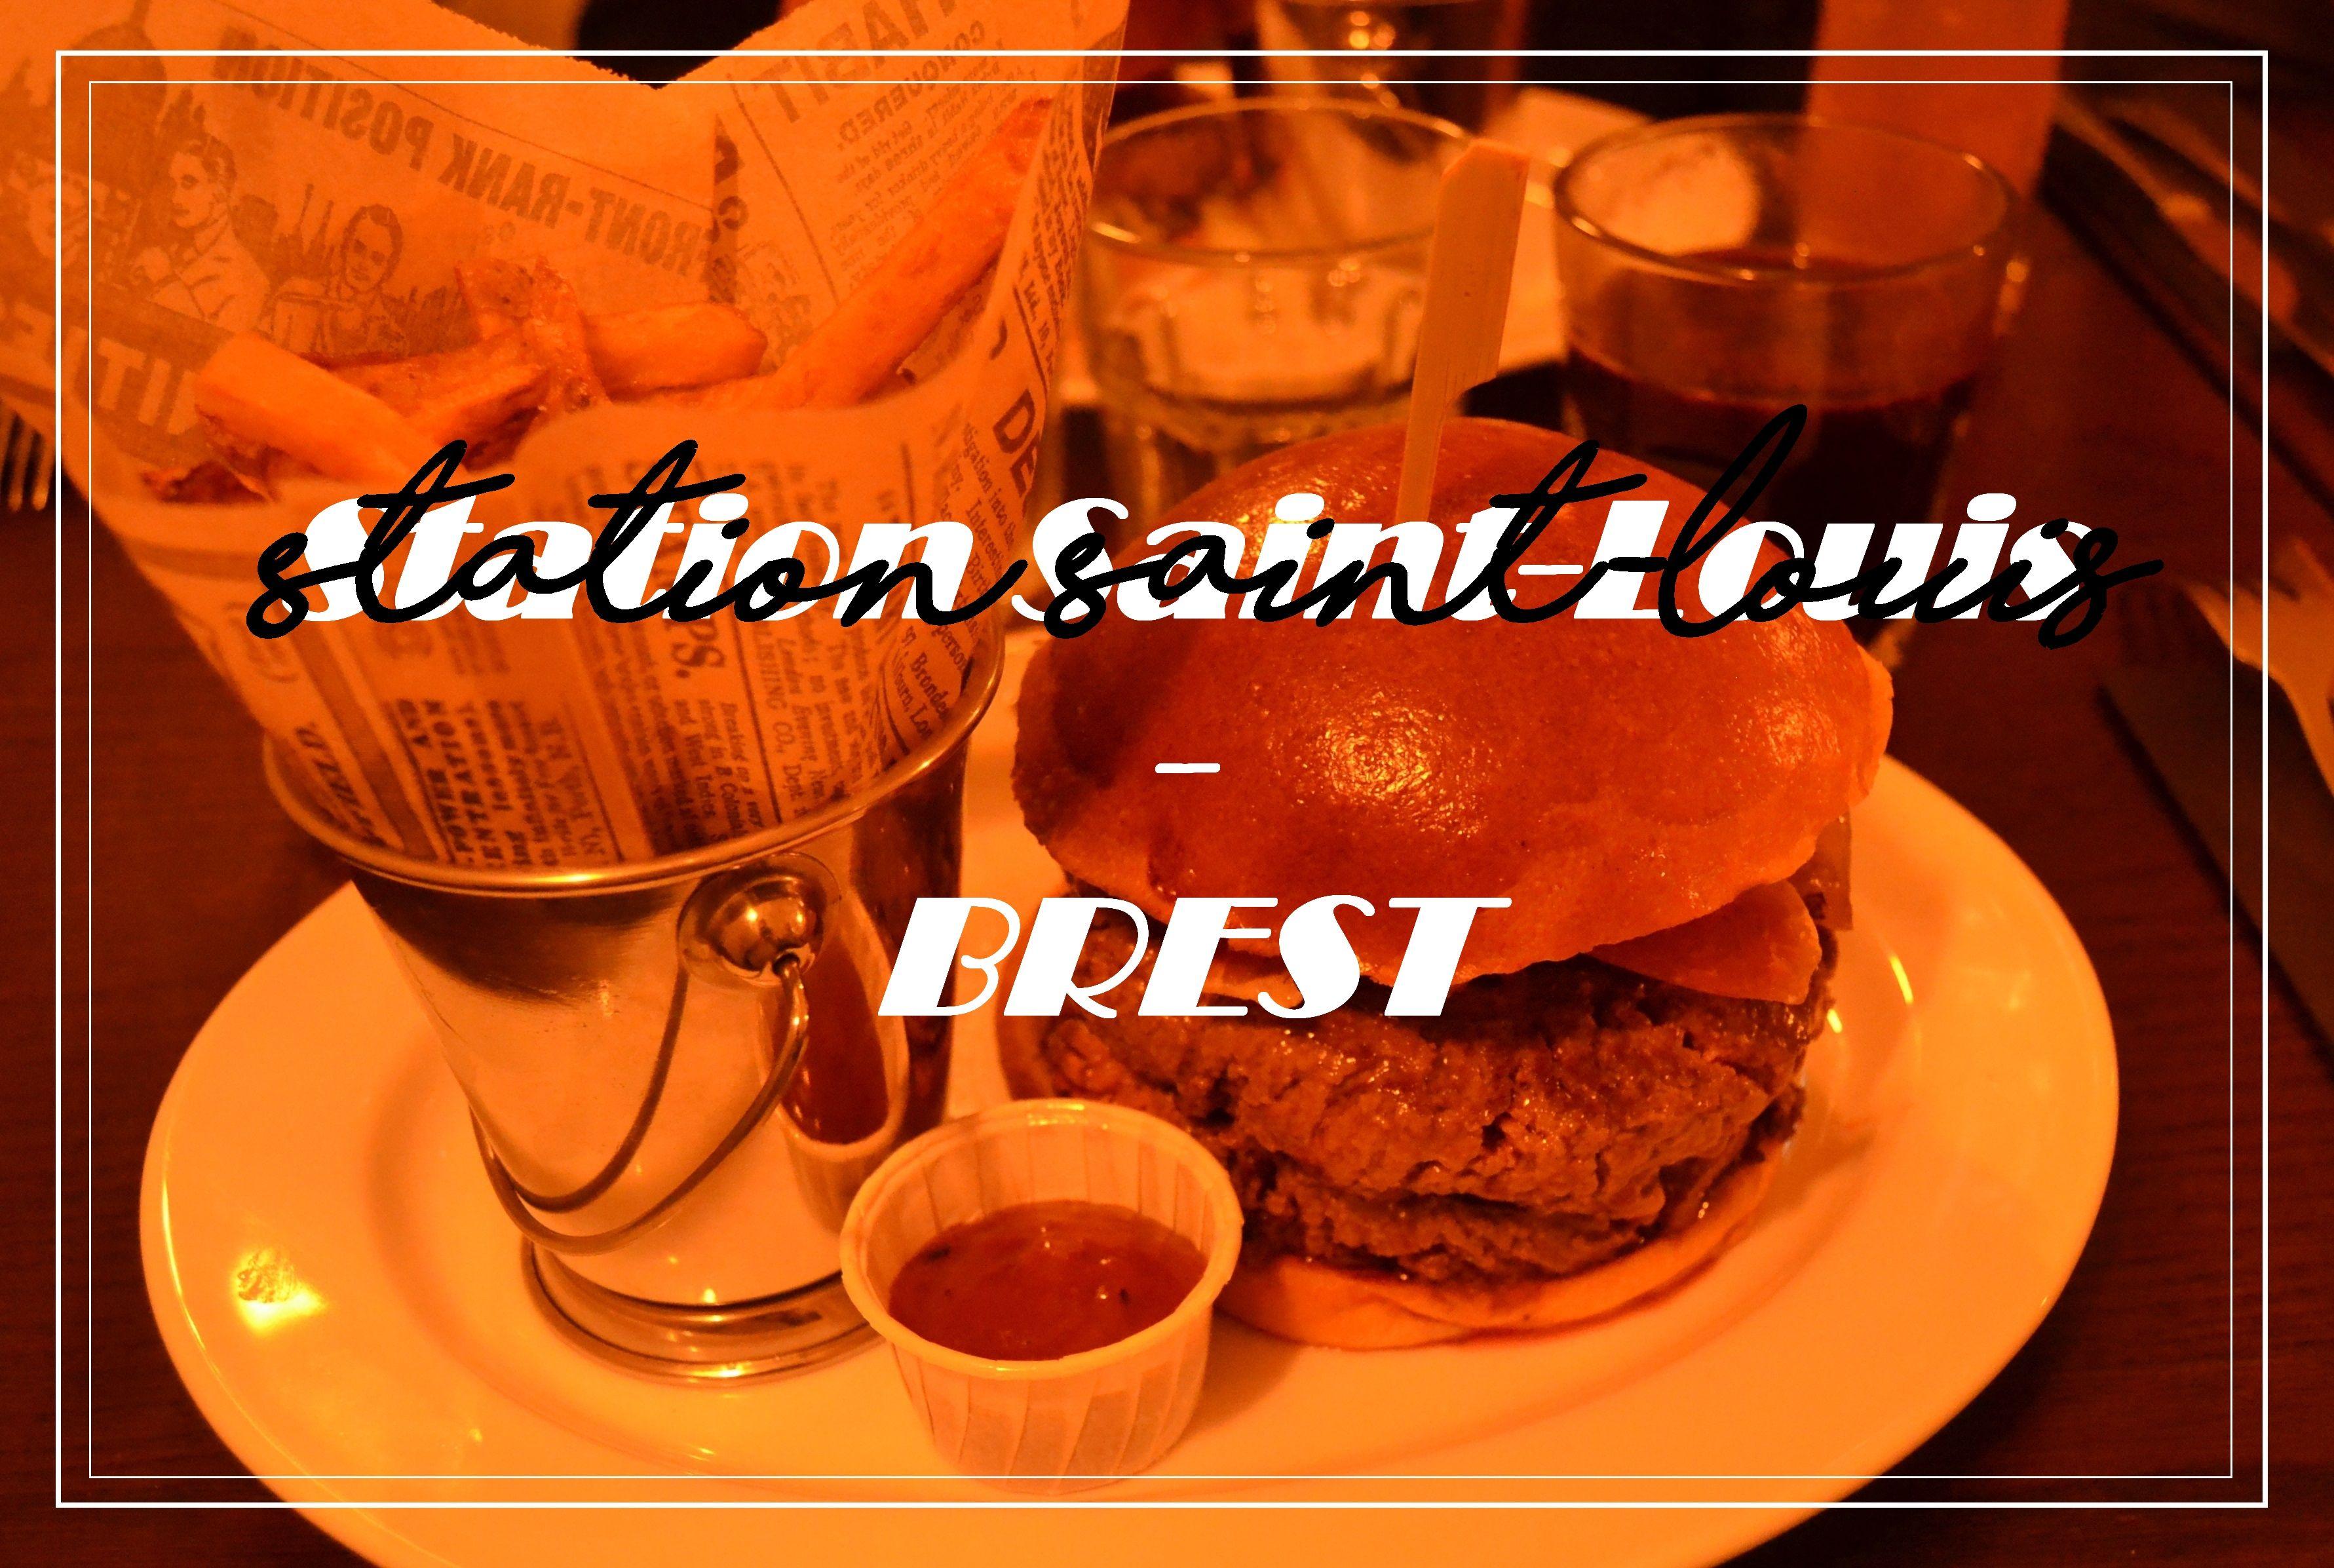 Station Saint Louis Brest Hamburger Burger Bonne Adresse City Guide Brestois